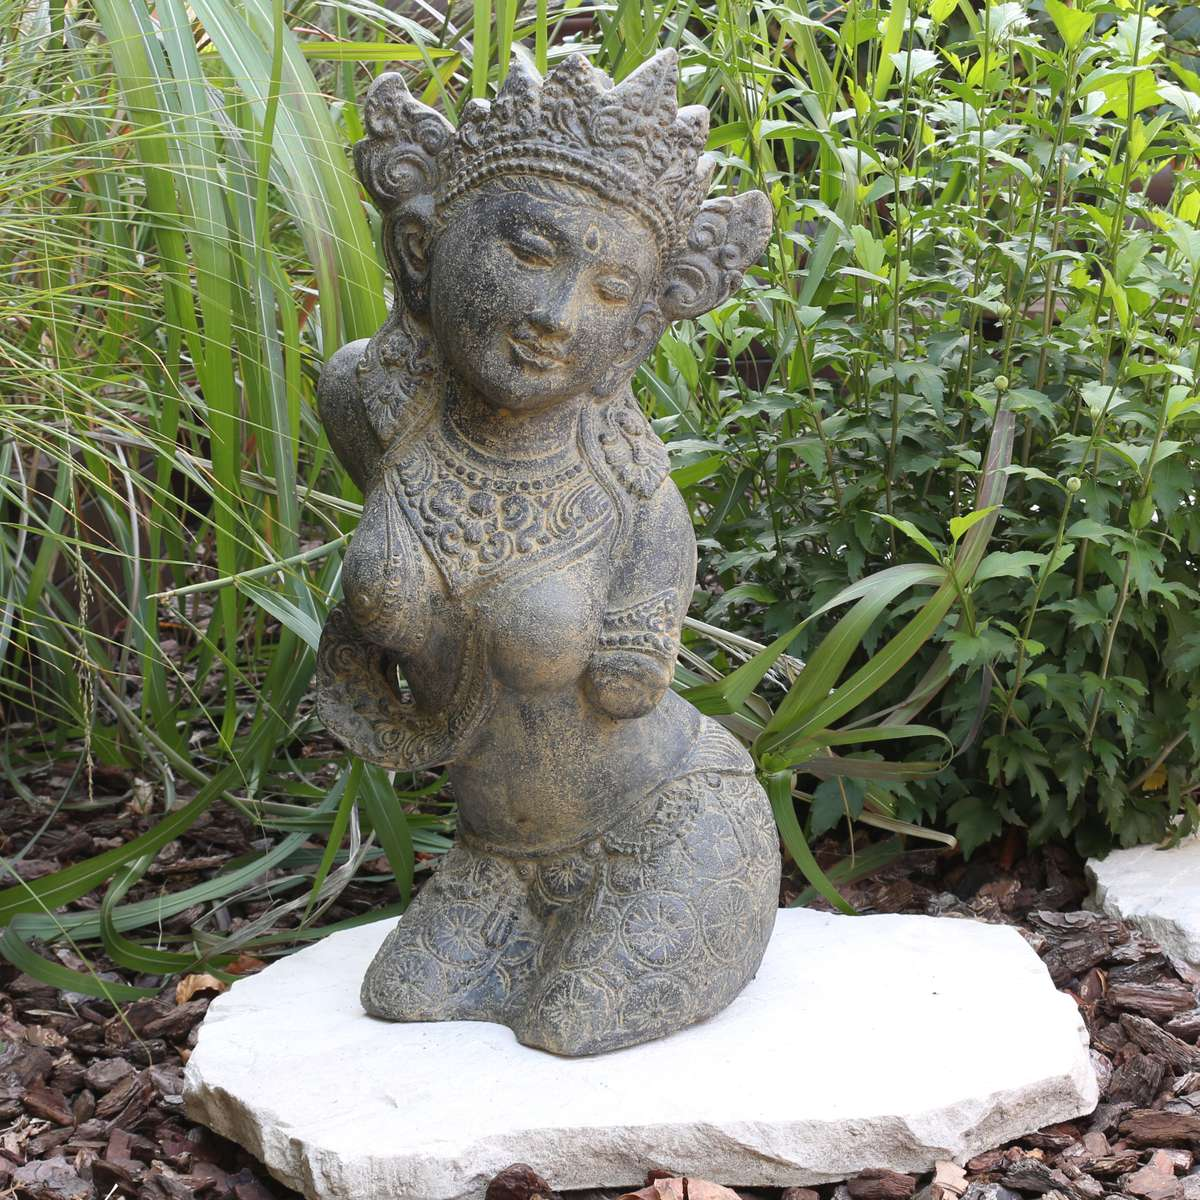 Full Size of Skulptur Garten Sita Figur Stein Gott Buddha Statue Lavasand Bali Relaxsessel Pavillon Jacuzzi Trennwand Skulpturen Feuerstelle Im Kugelleuchten Kinderschaukel Wohnzimmer Skulptur Garten